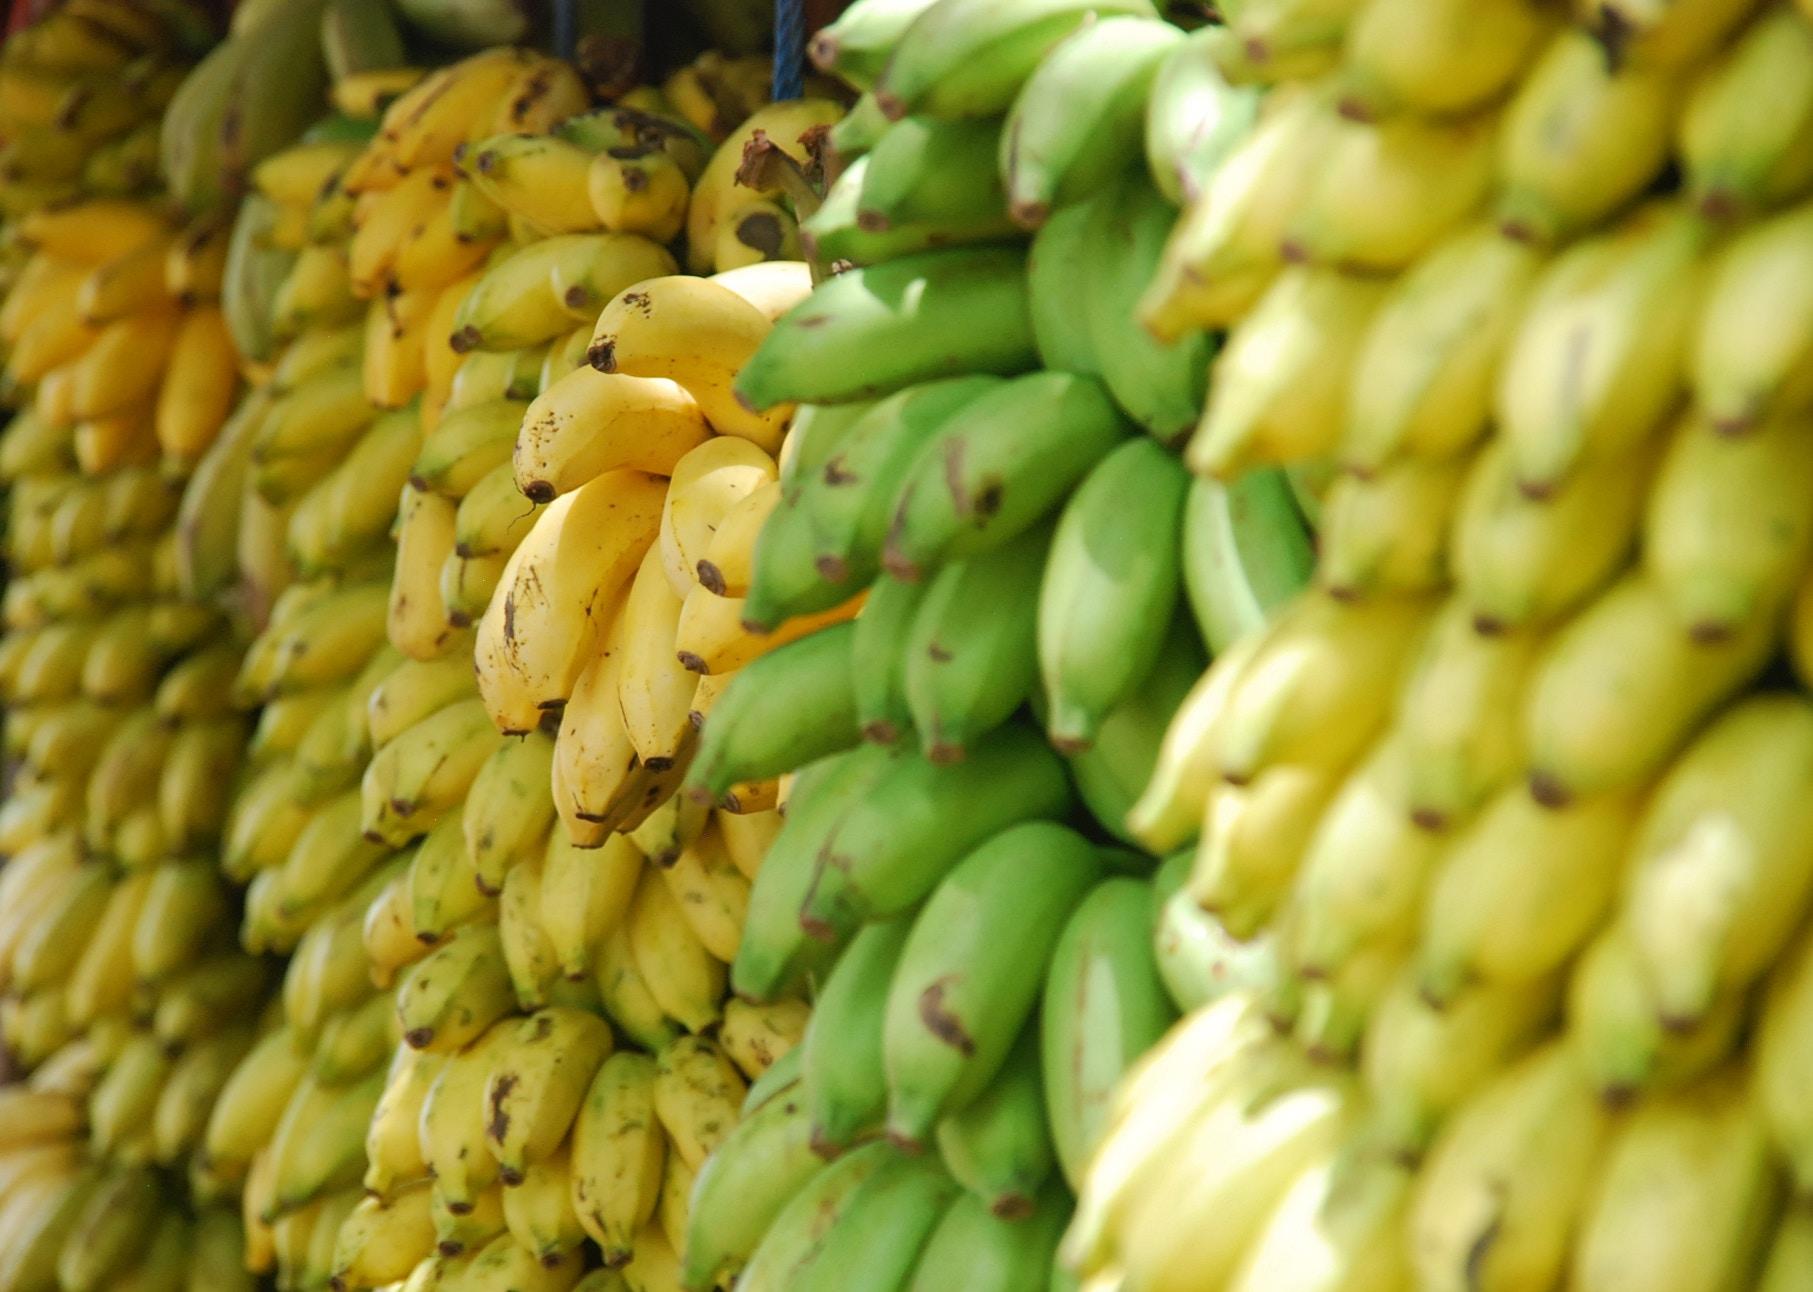 Der Magnesiumgehalt von Bananen wird meist überschätzt